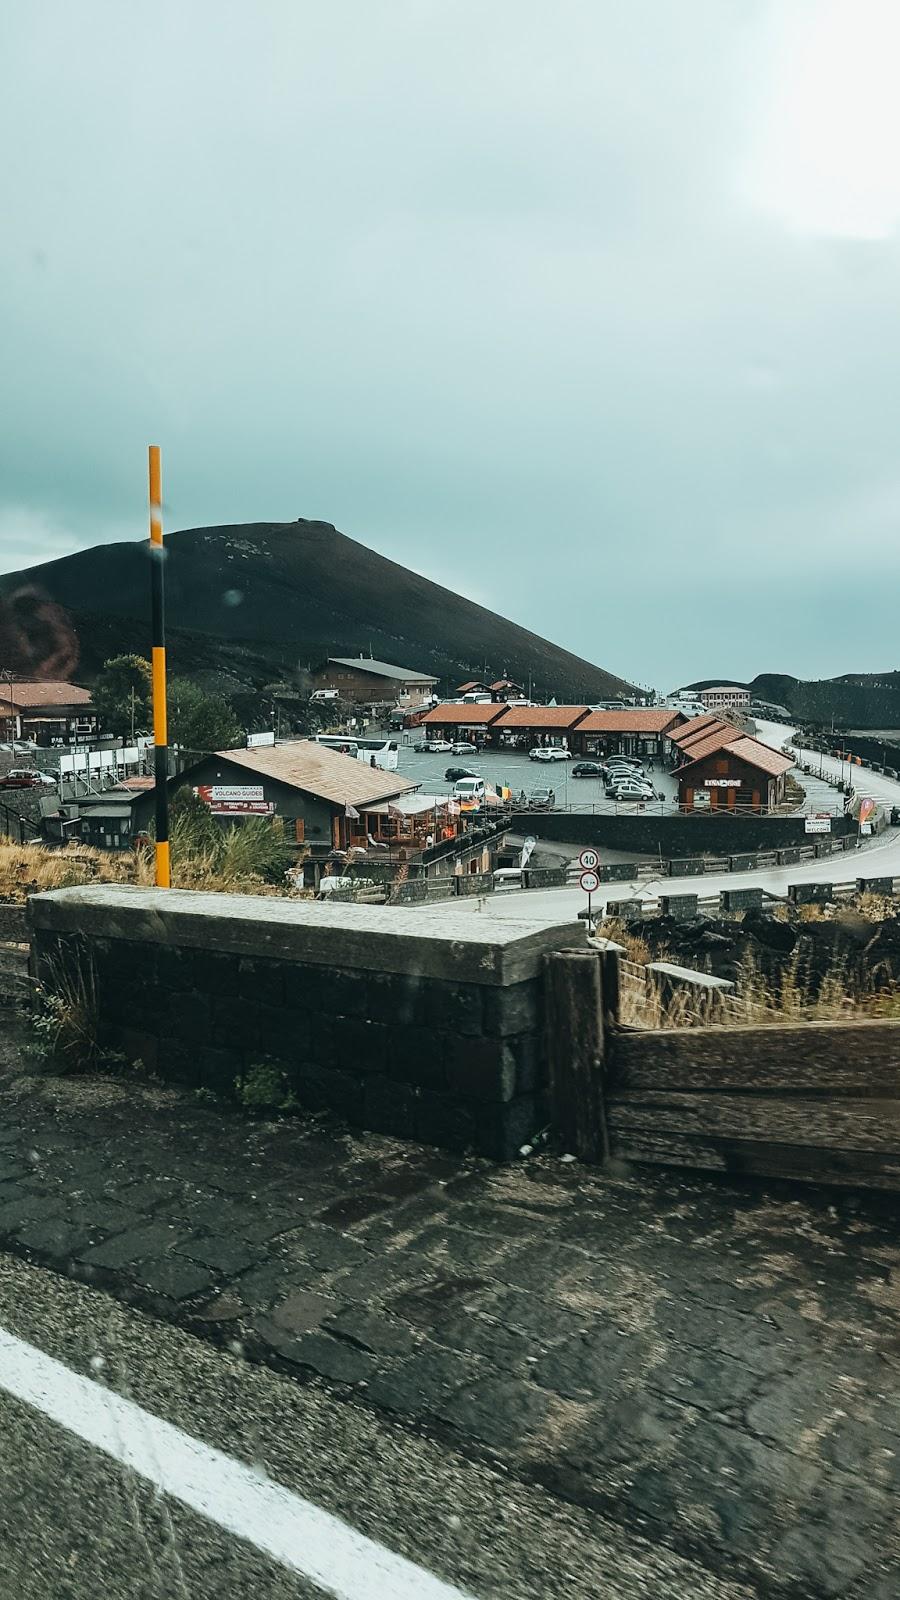 Nicolosi włochy, sycylia Etna